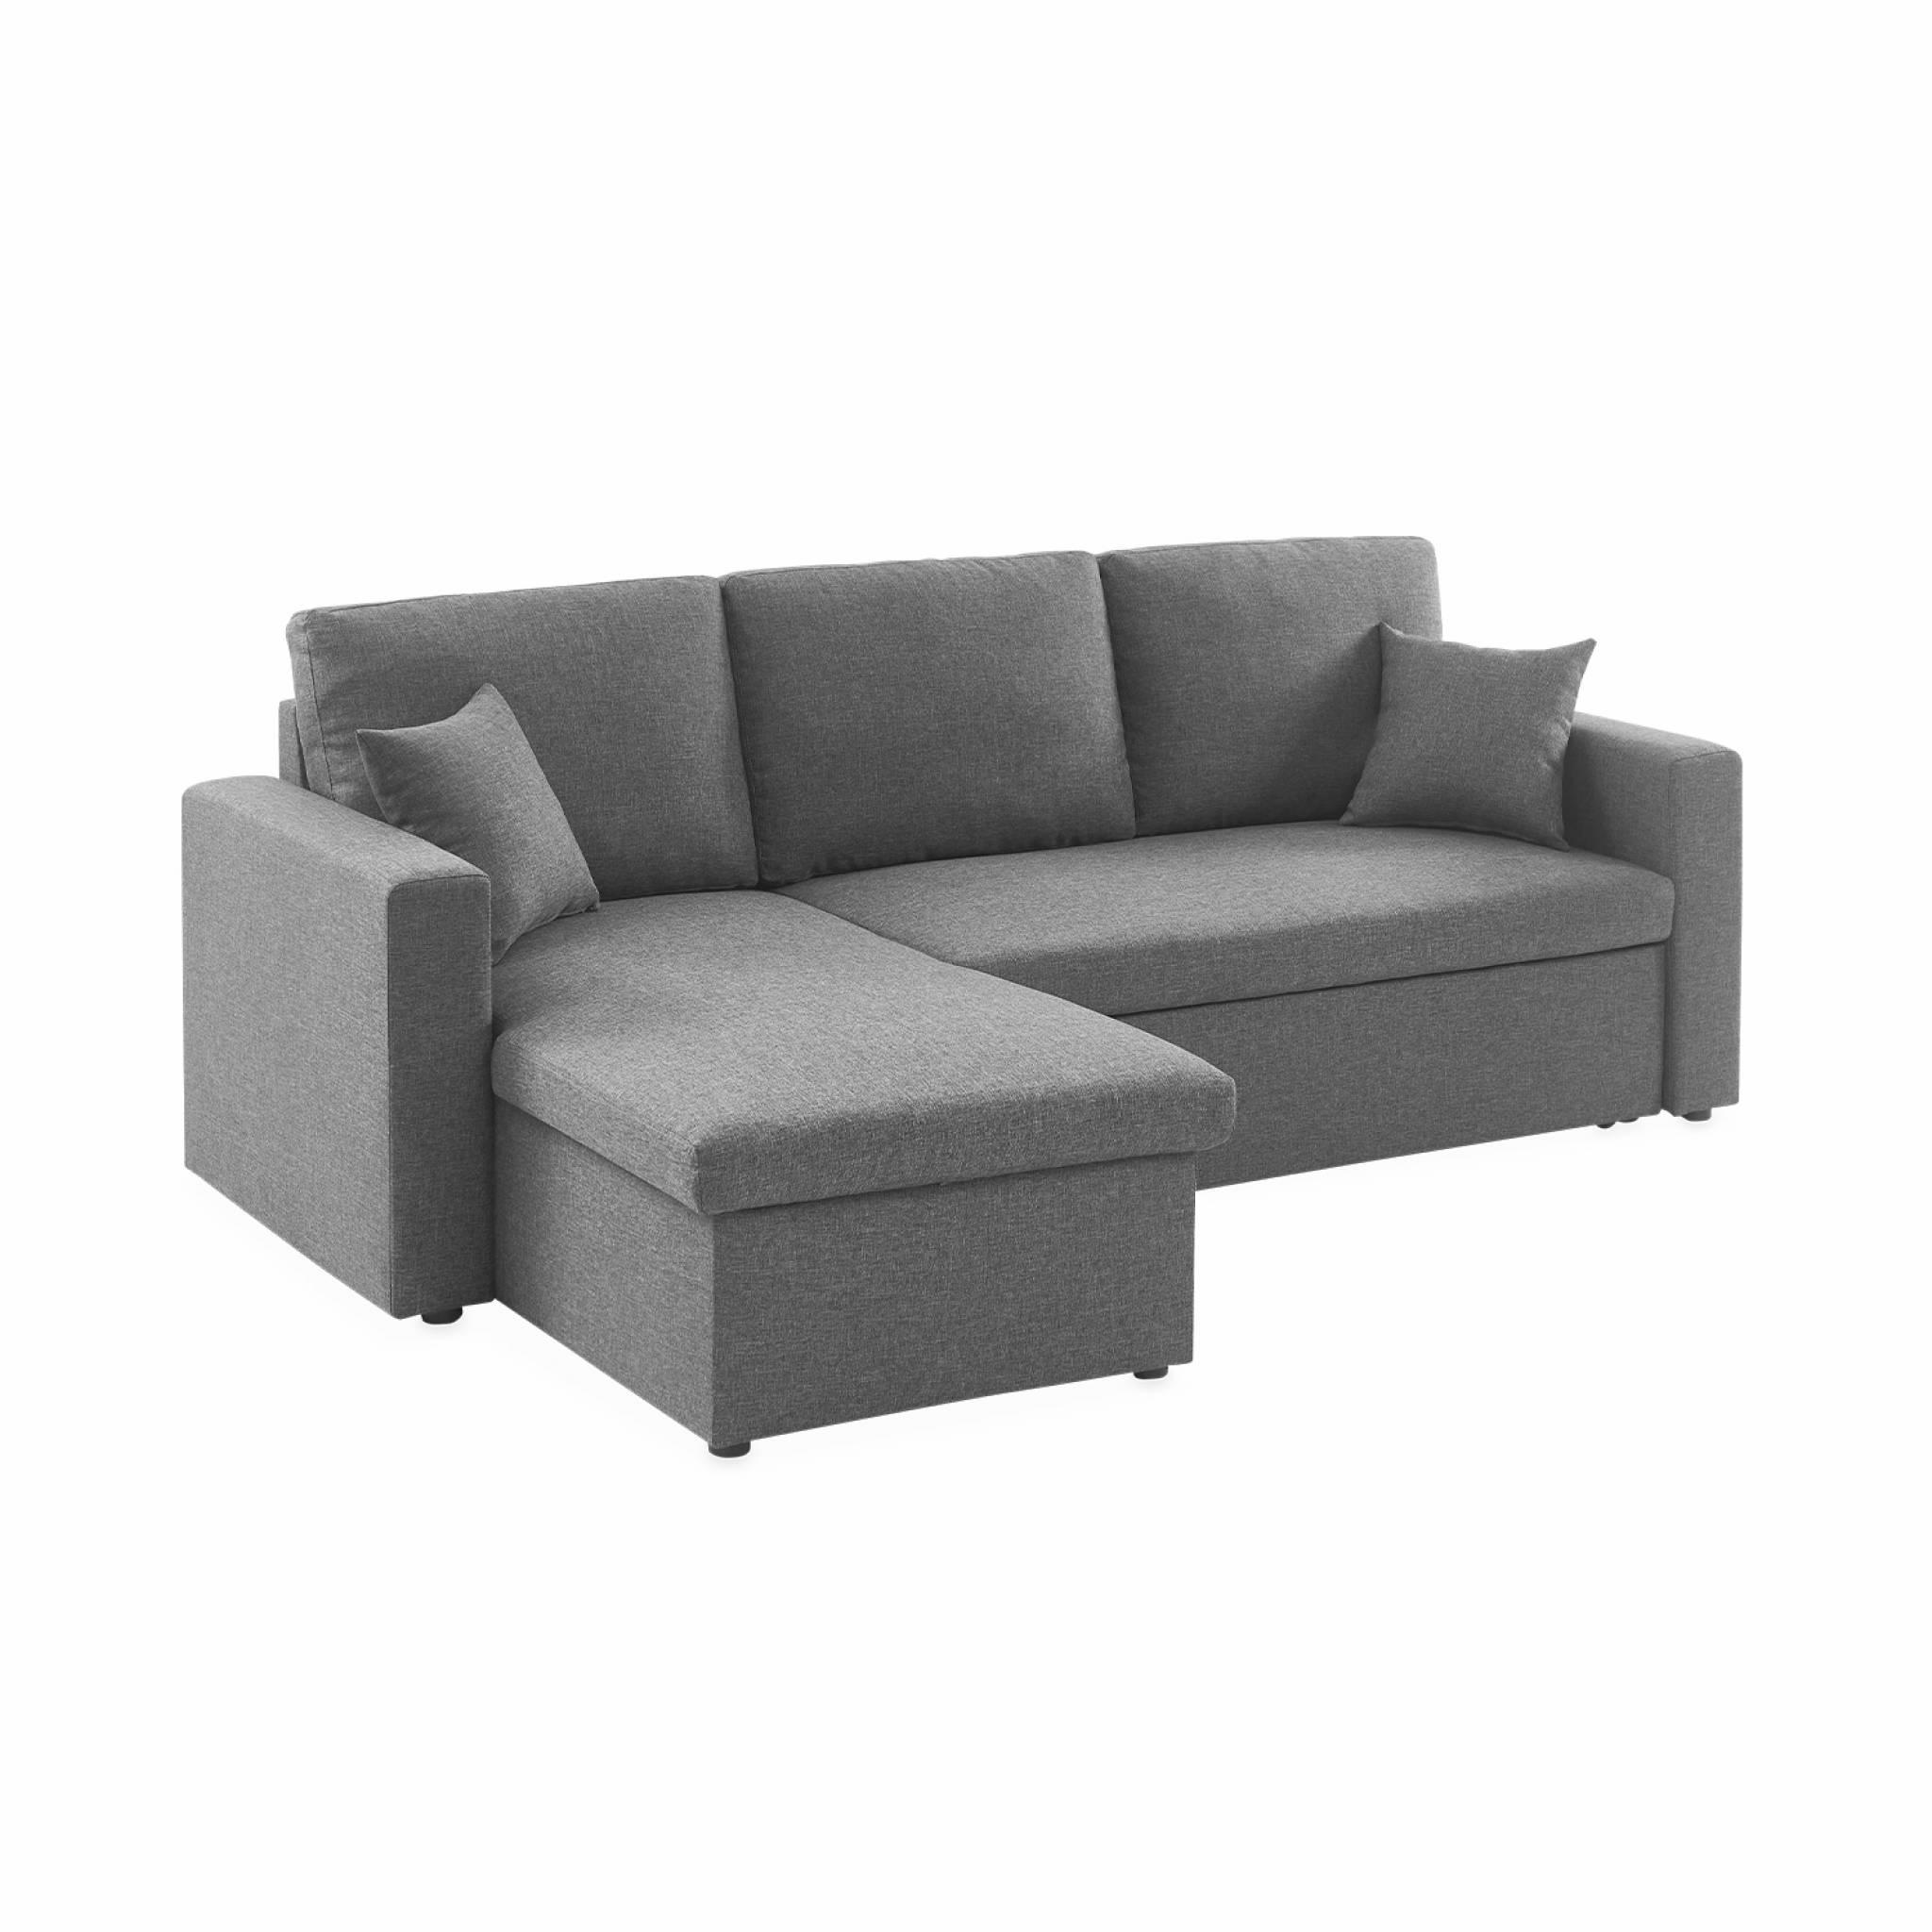 Canapé d'angle convertible 3 places en tissu gris chiné foncé